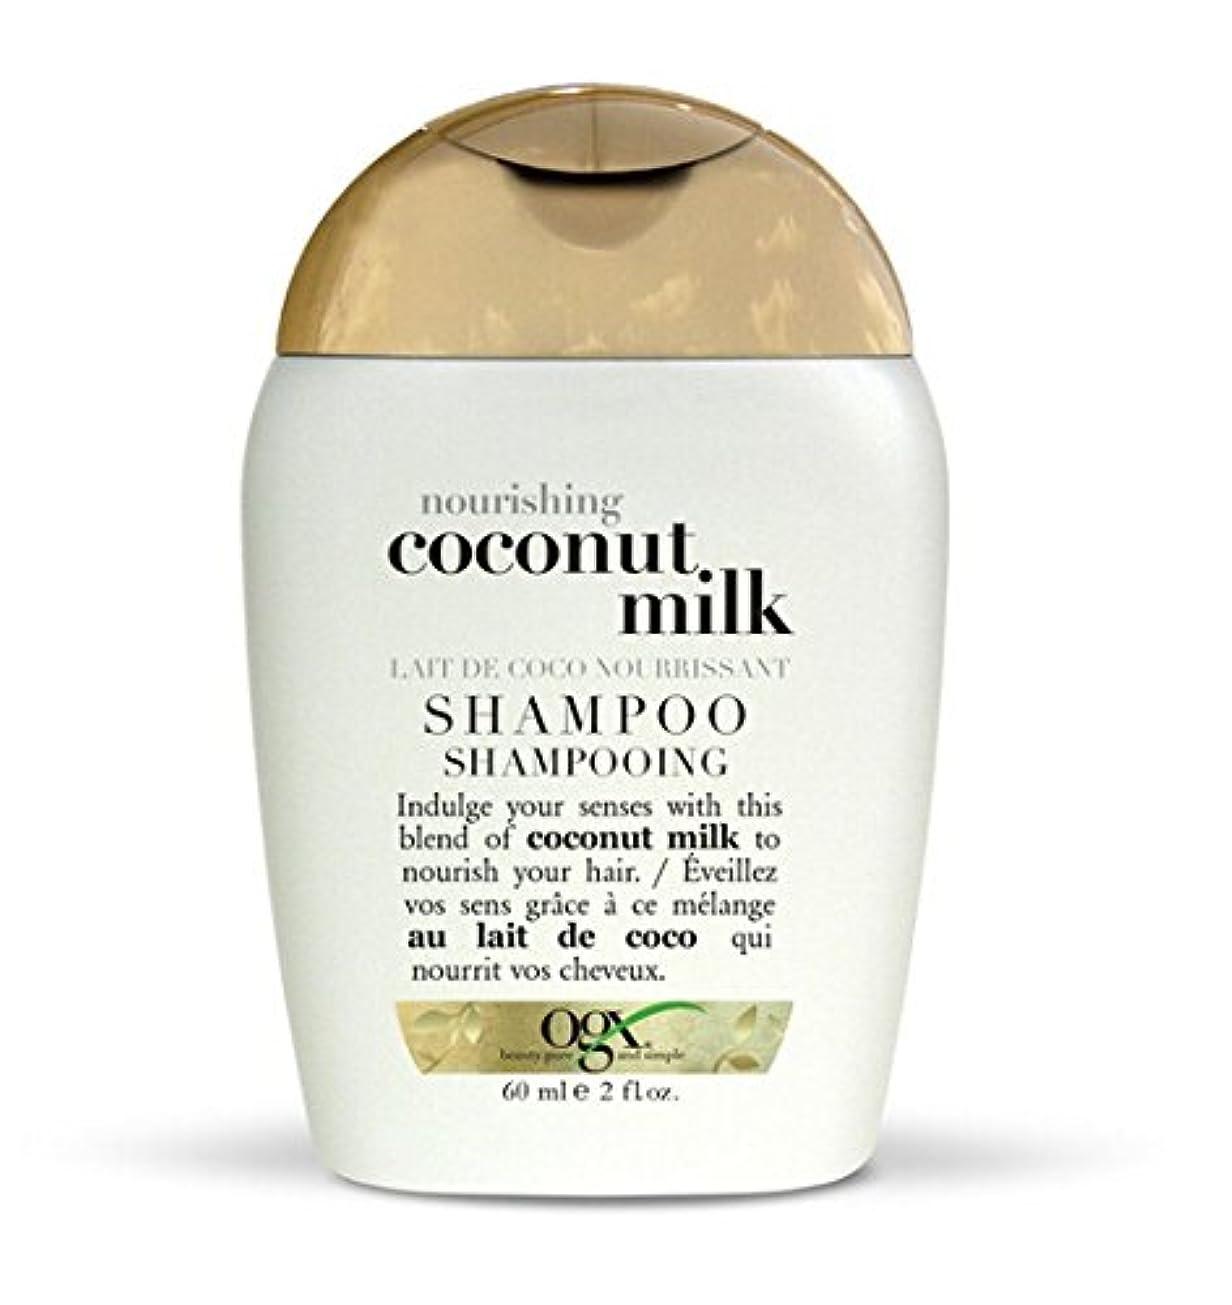 前任者付録密接にVogue ヴォーグ オーガニクス 髪いきいきココナッツミルク 自然派ヘアケア シャンプー 60ml coconut milk shampoo [並行輸入品]